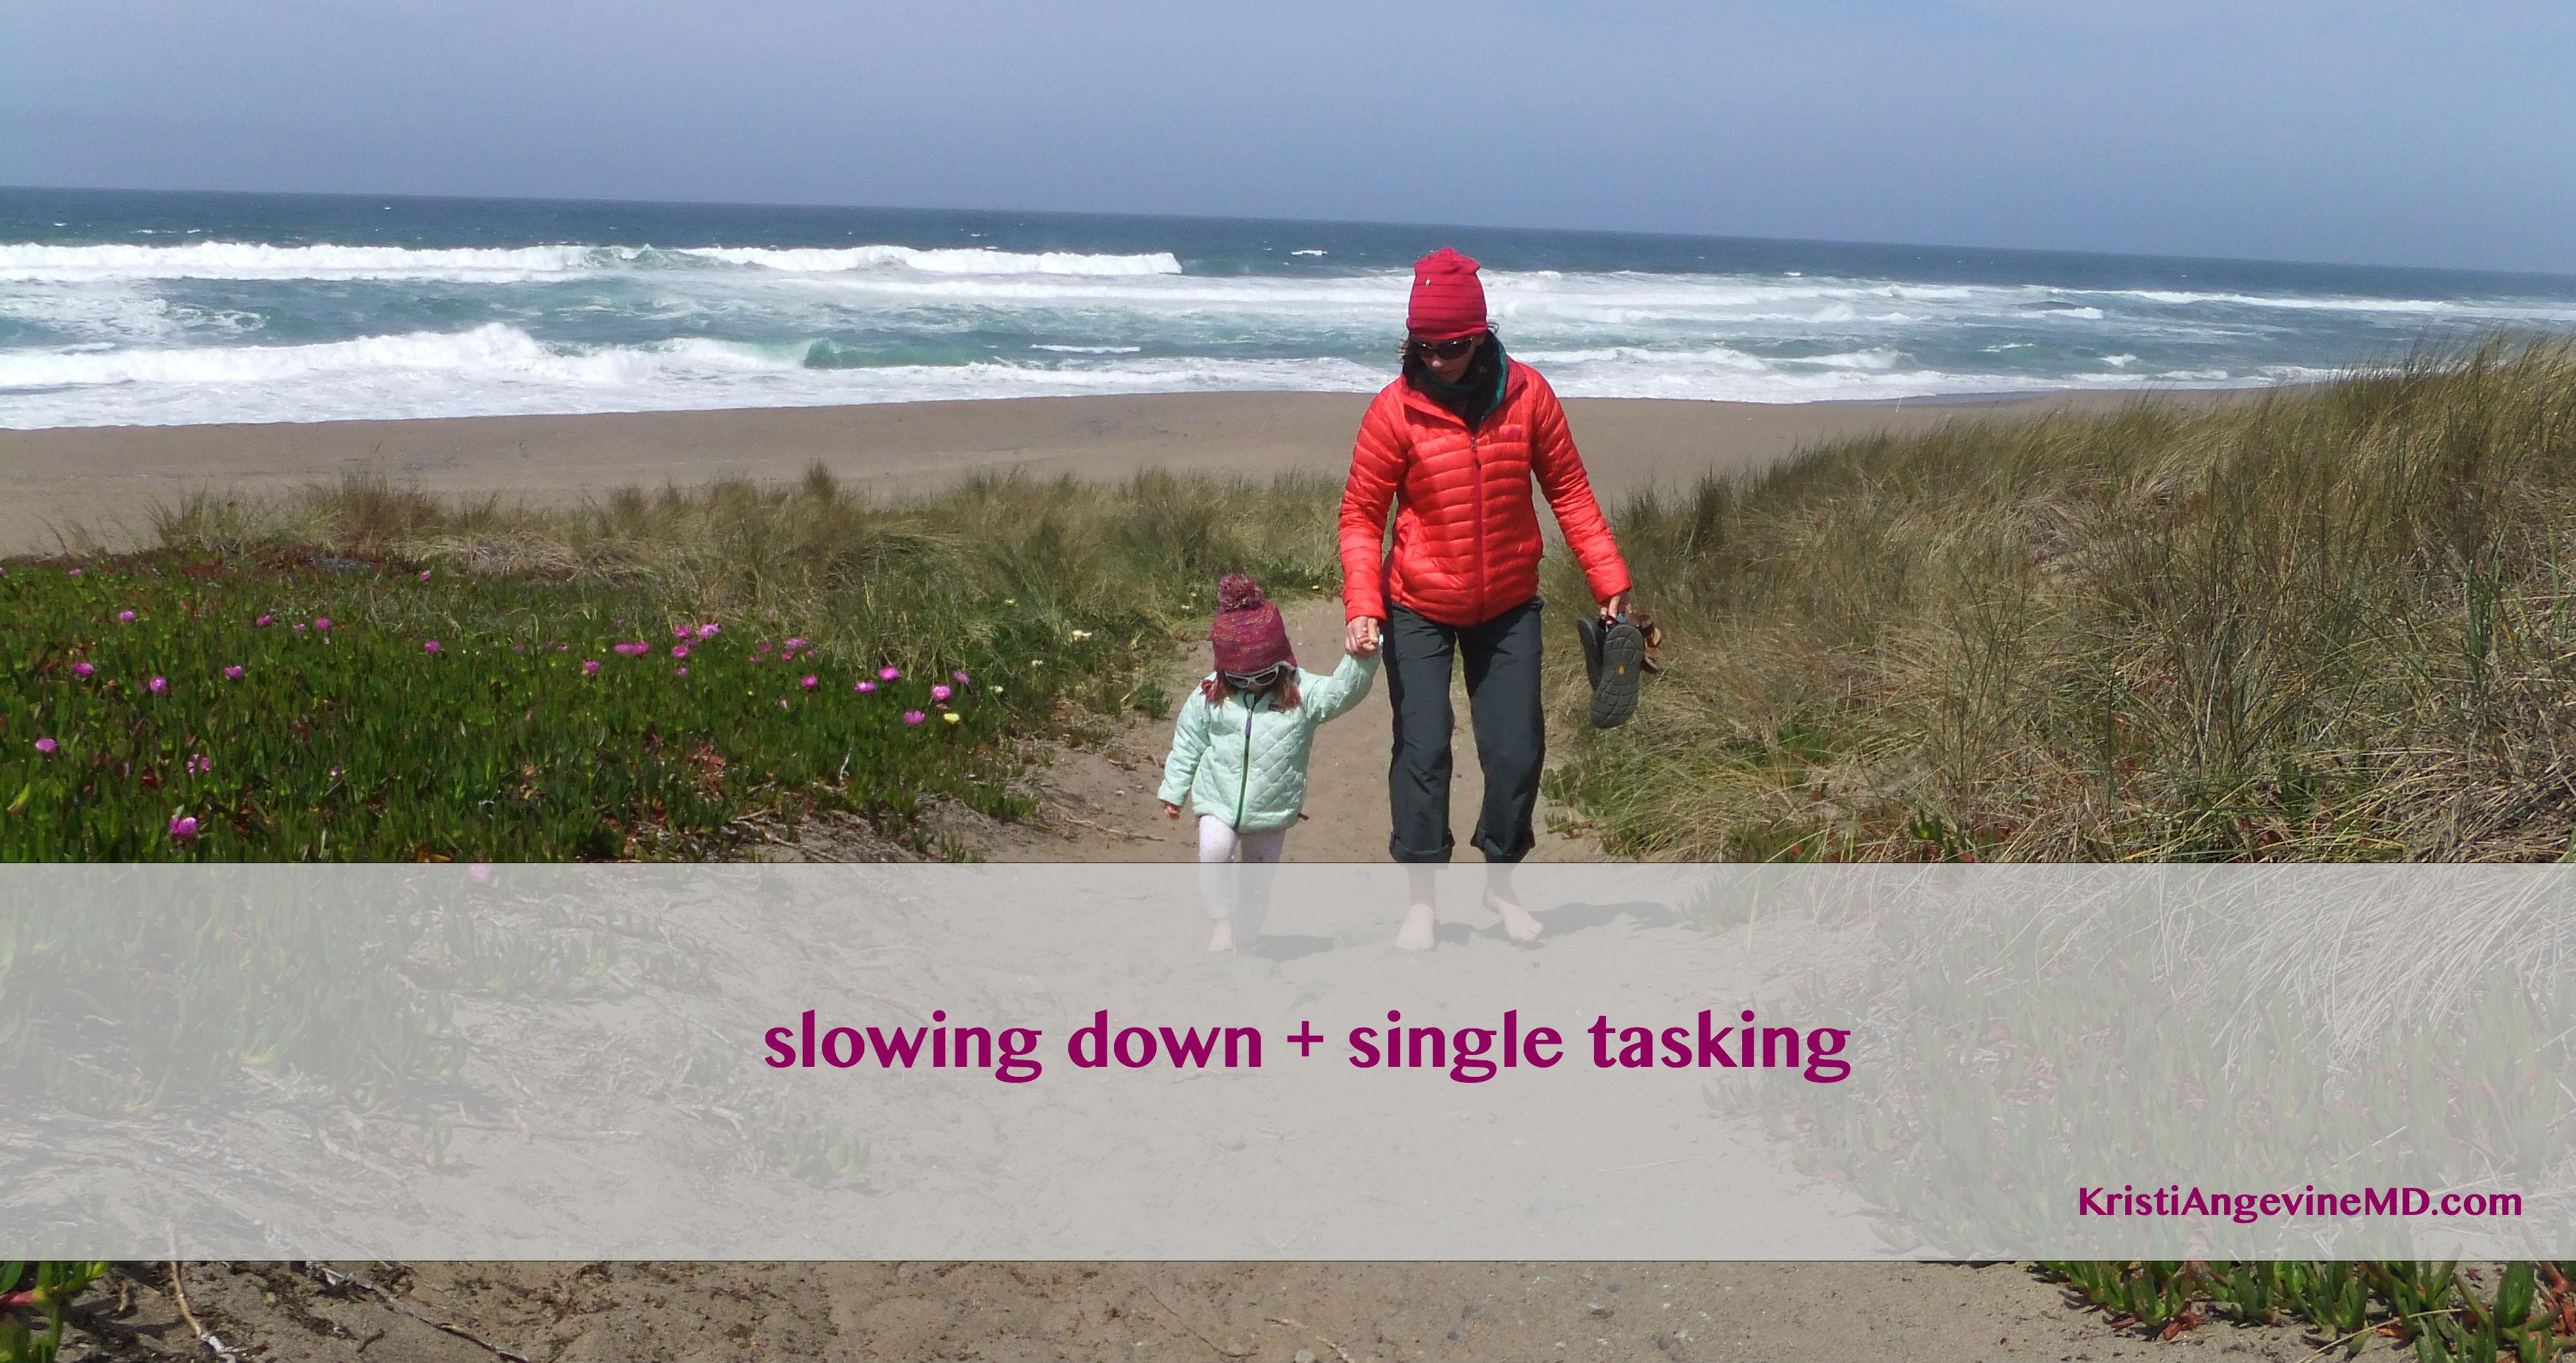 Slowing down, single tasking